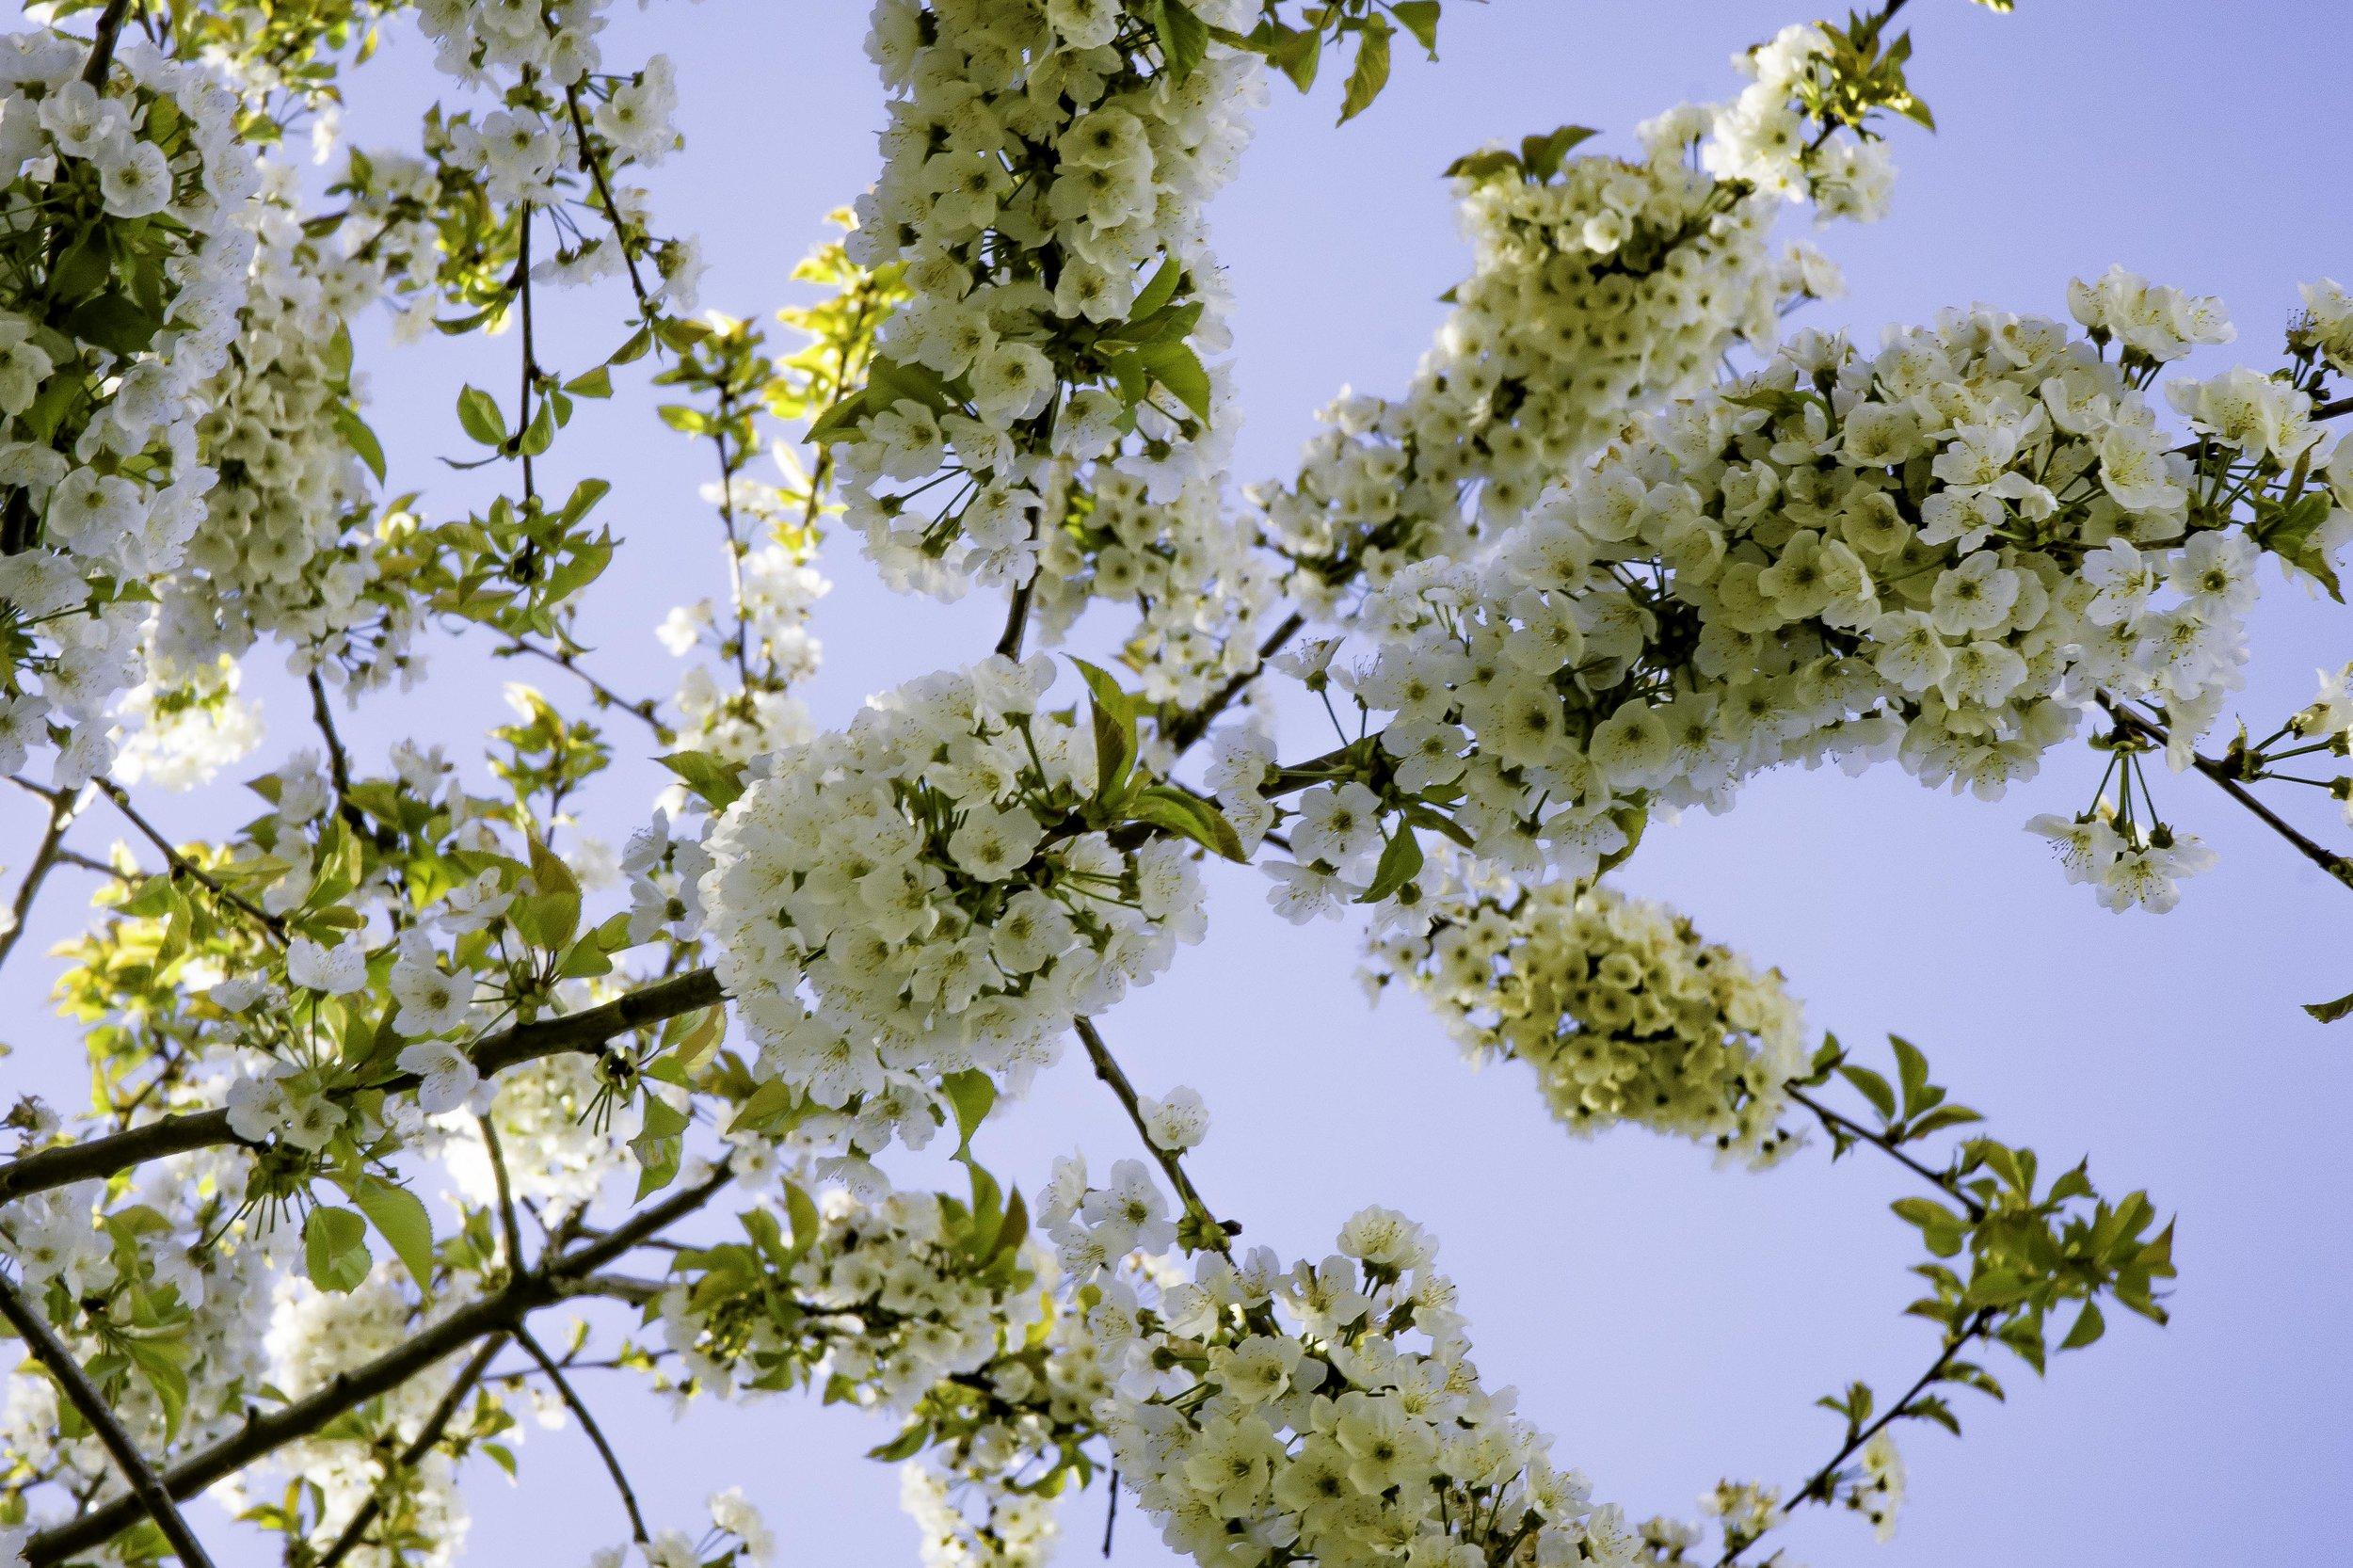 viewfinder-lentebloesem-fotograferen-dicht-bij-huis-1